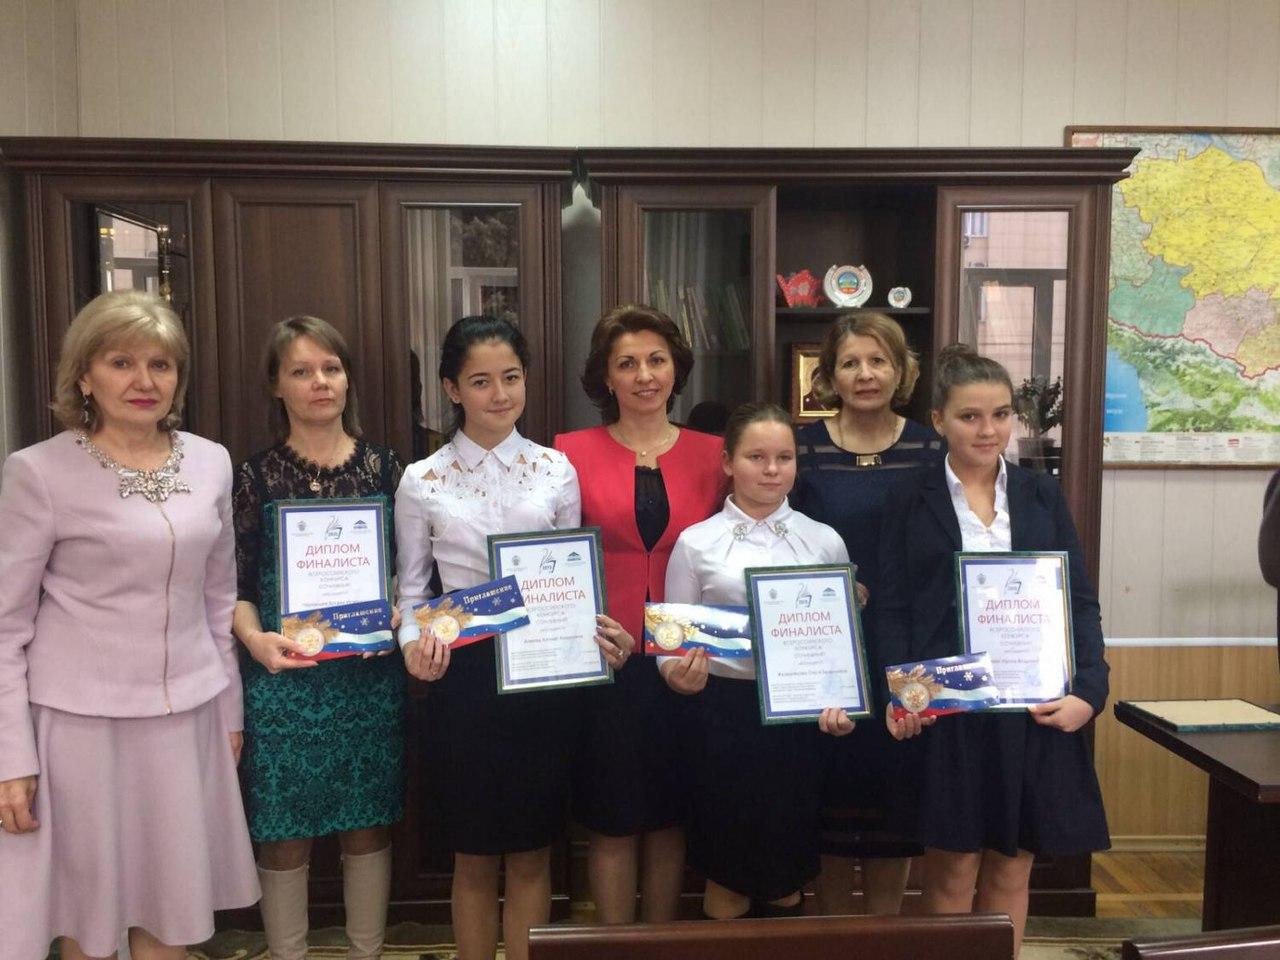 Школьница из станицы Зеленчукской приняла участие в церемонии награждения финалистов Всероссийского конкурса сочинений